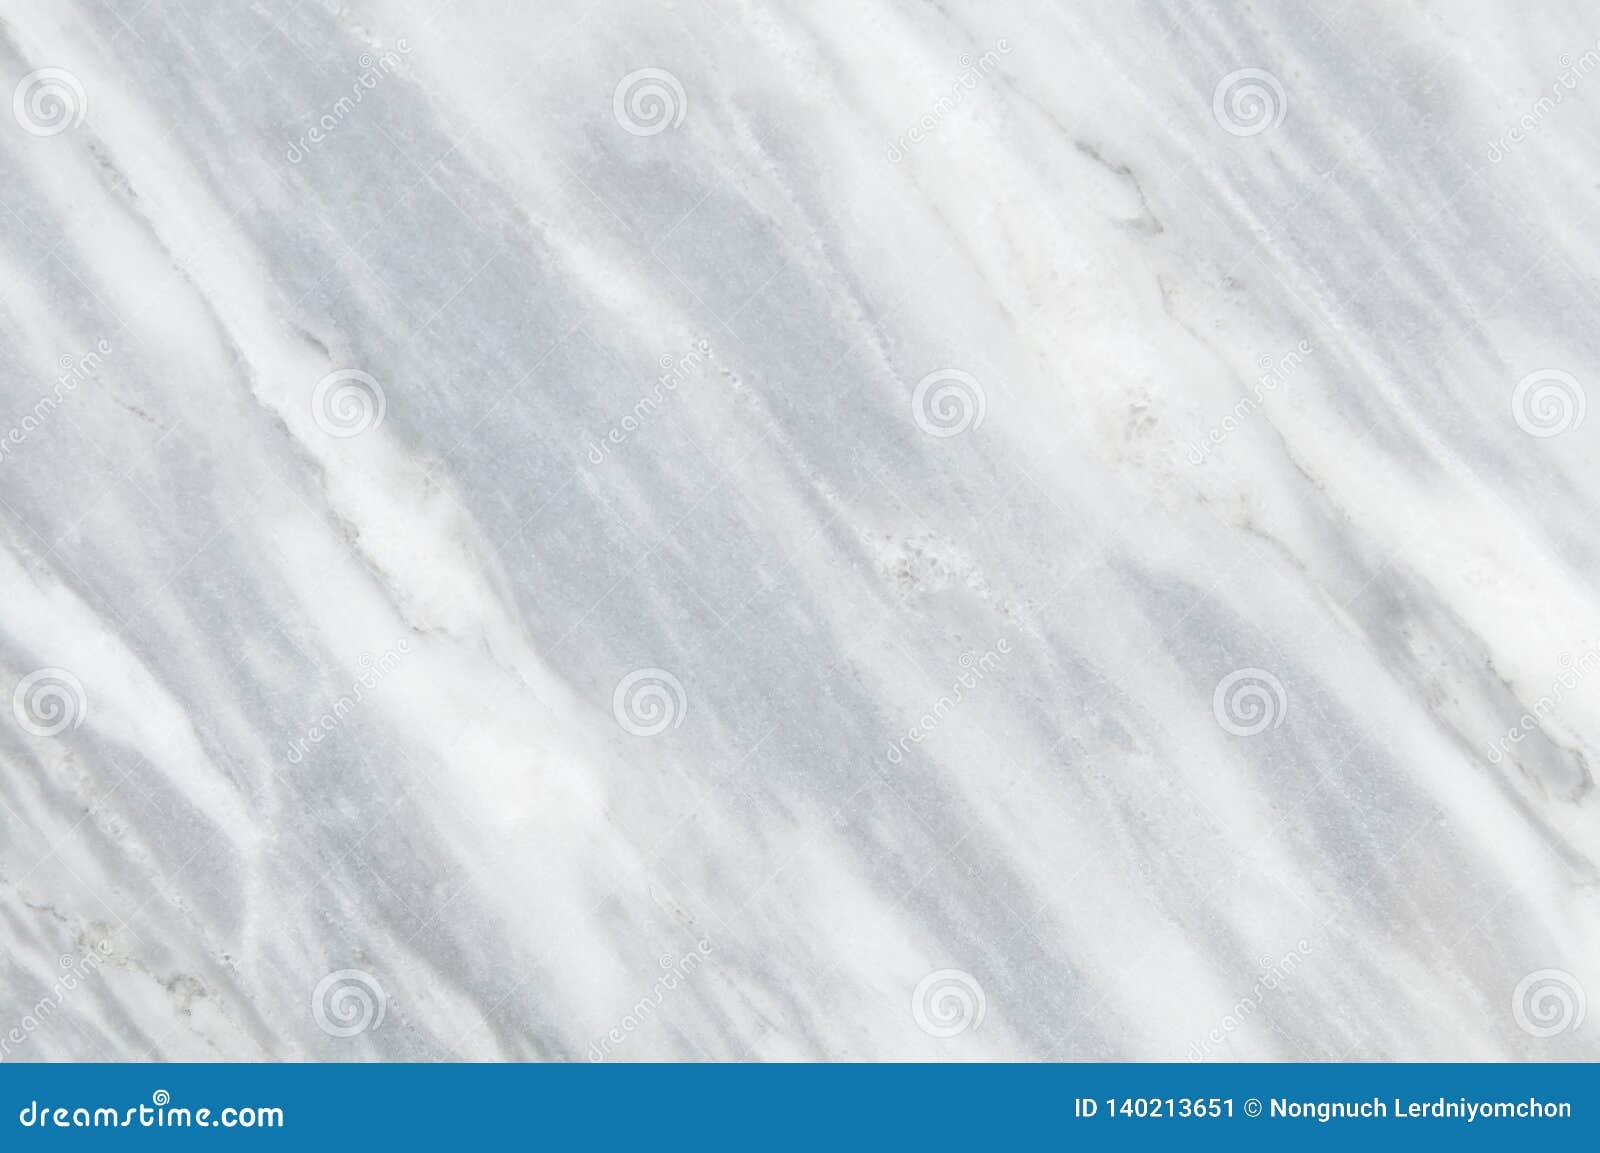 Белая мраморная каменная предпосылка Белый мрамор, фон текстуры кварца Картина стены и мрамора панели естественная для архитектур